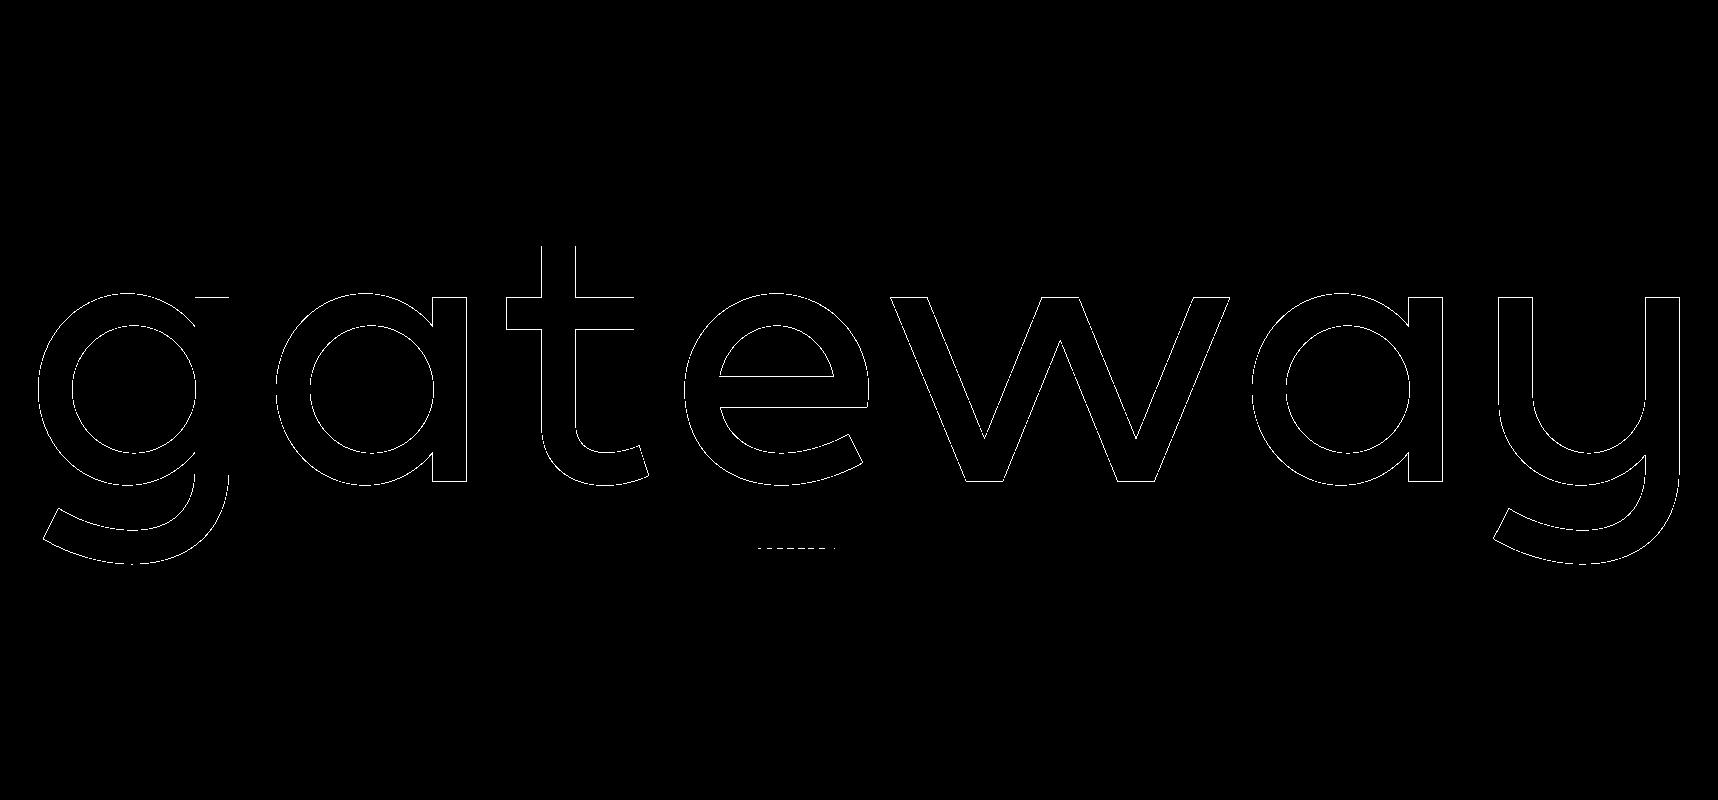 2018gateway-BK.png